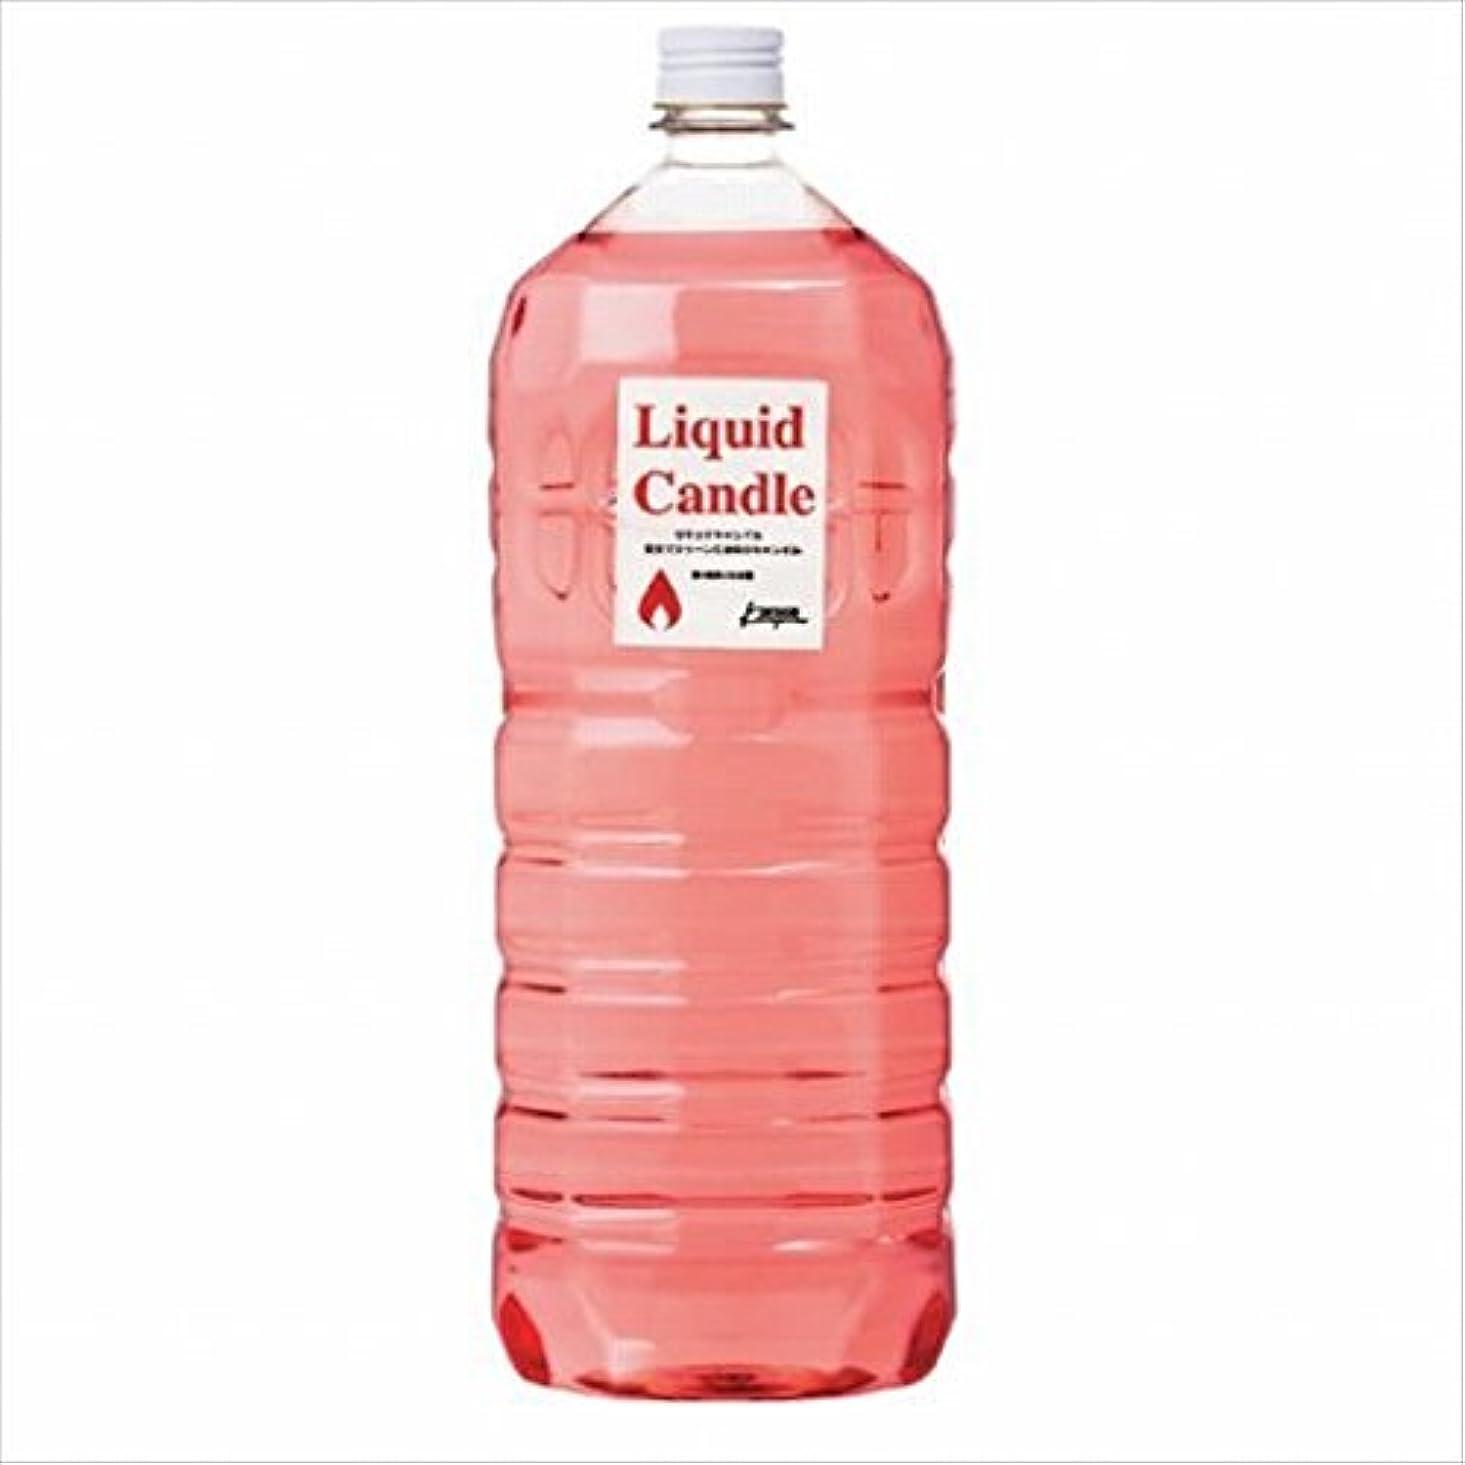 ブラウズ調べるゴルフカメヤマキャンドル(kameyama candle) リキッドキャンドル2リットル 「 ピンク 」